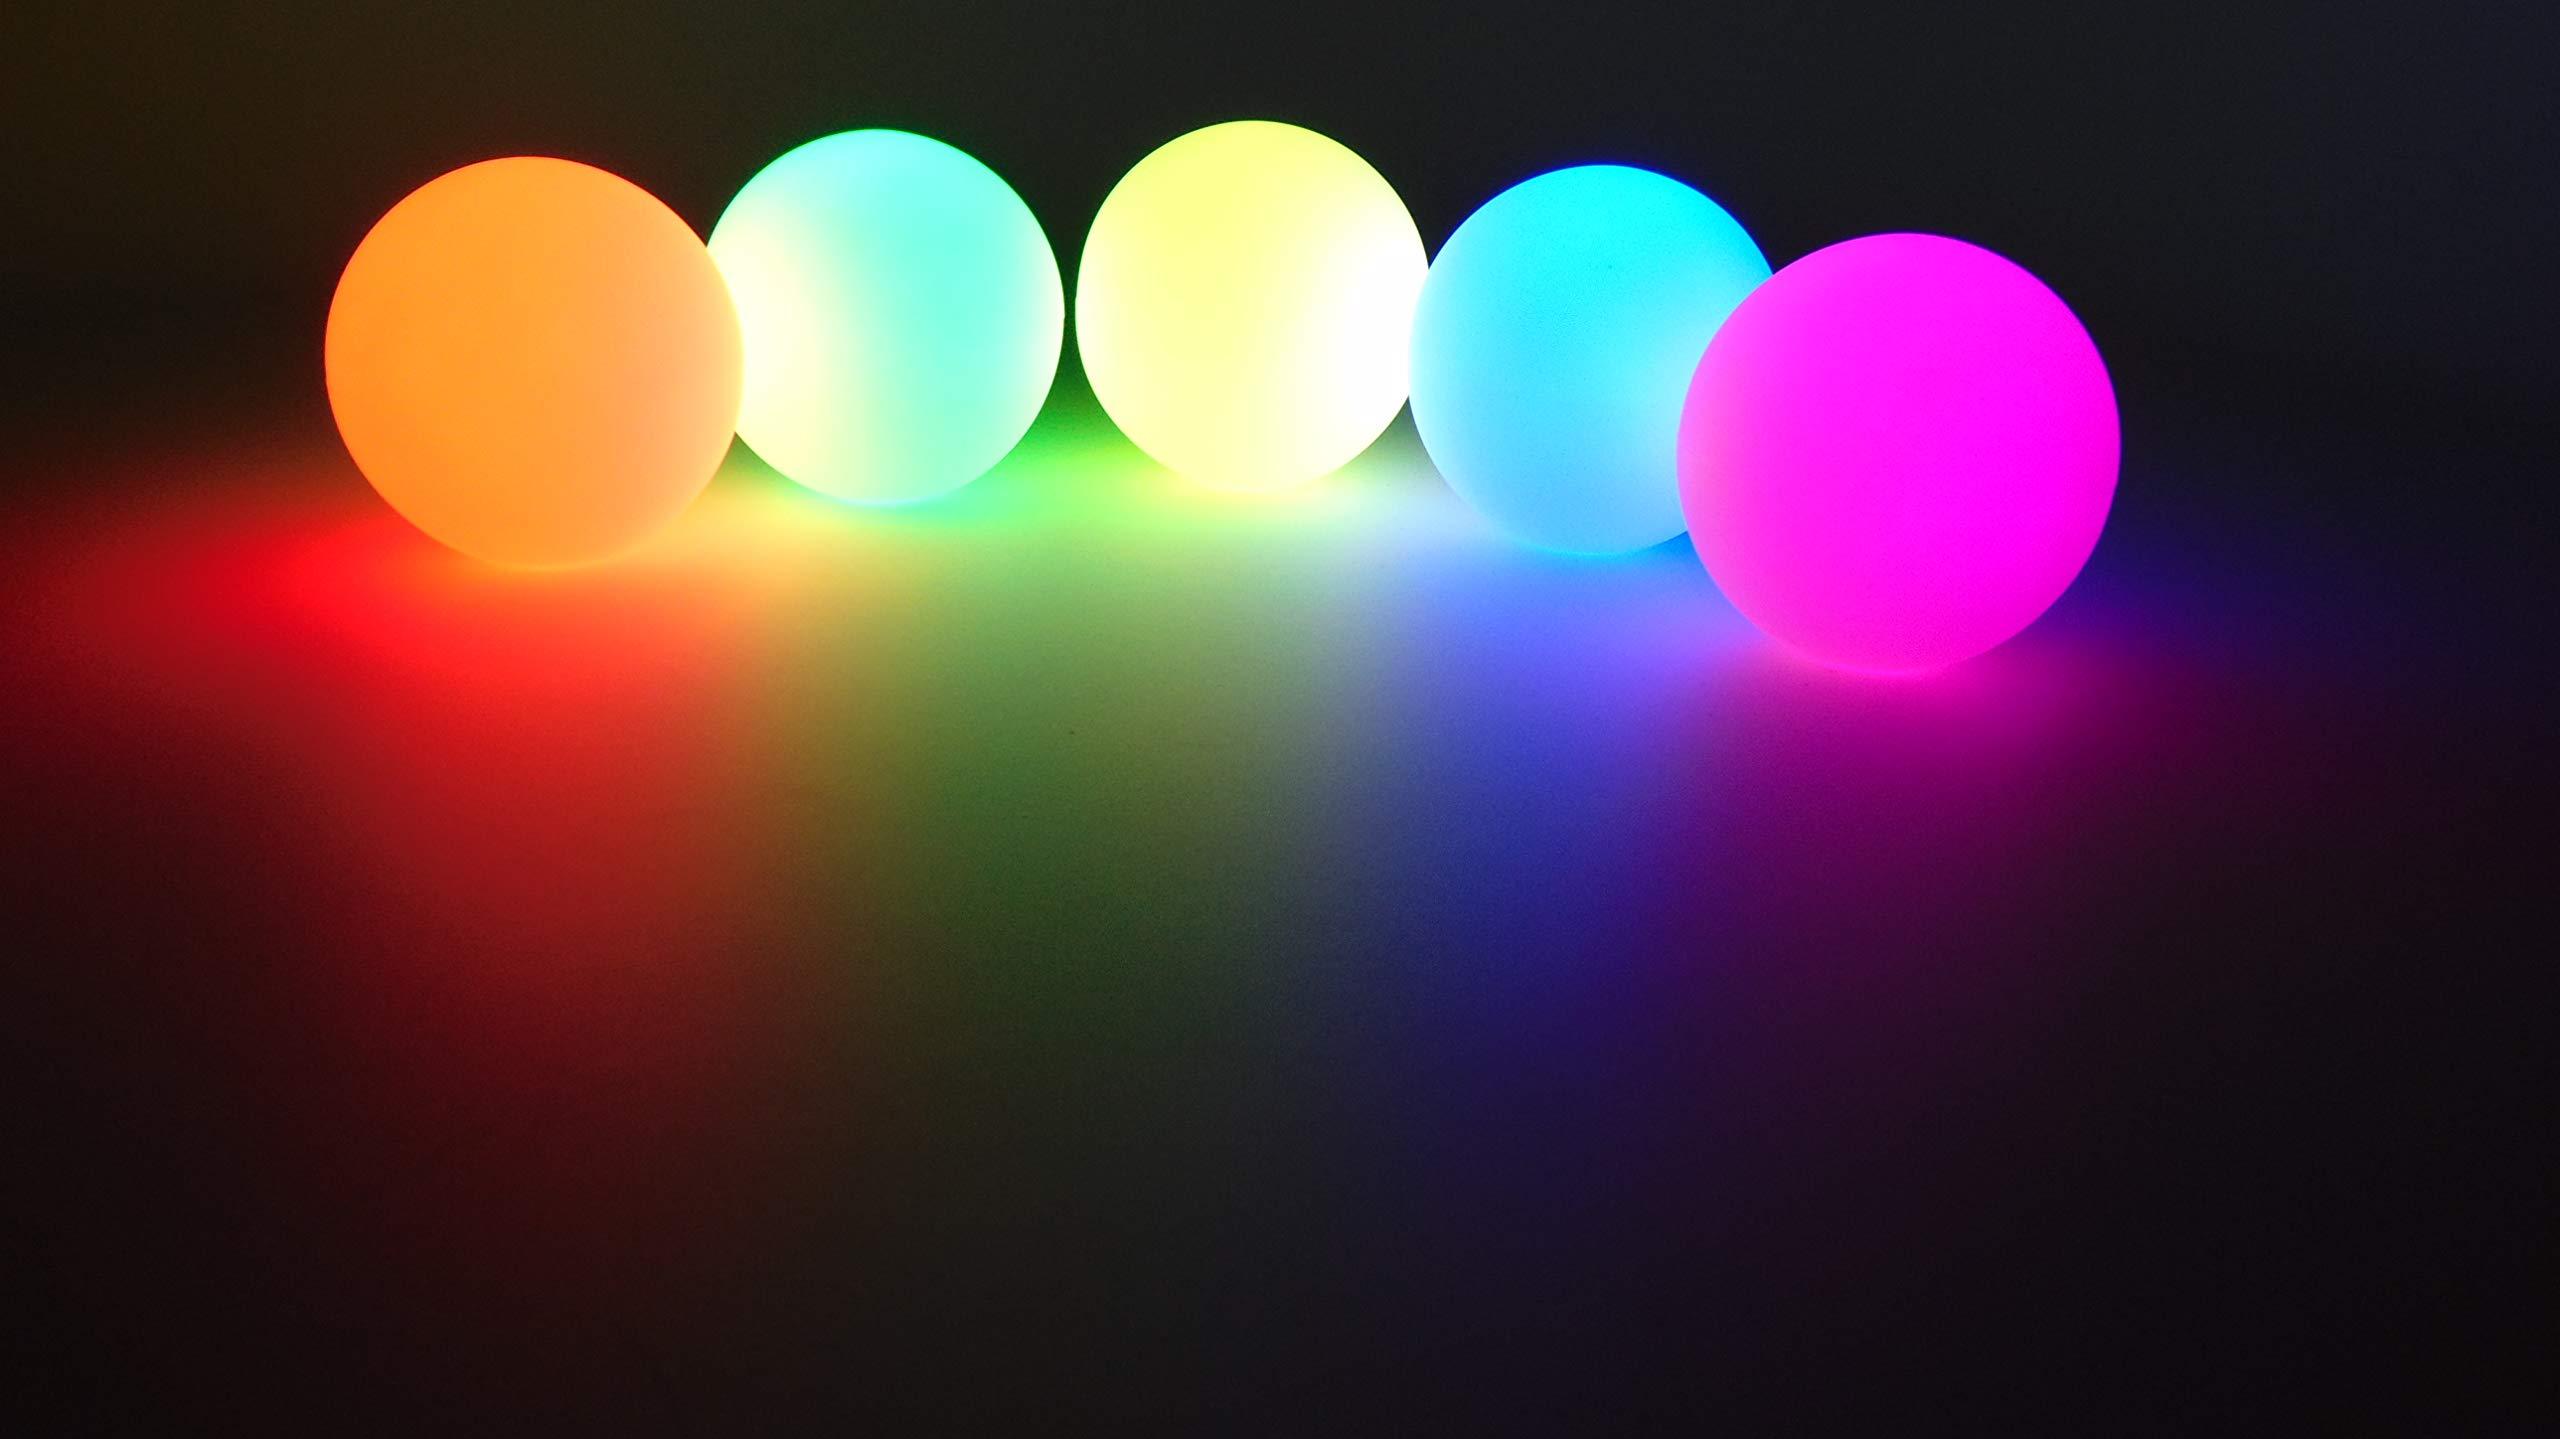 Higgins Brothers Luster LED Light-Up Juggling Balls (Multi-Color Strobe) by Higgins Brothers (Image #7)